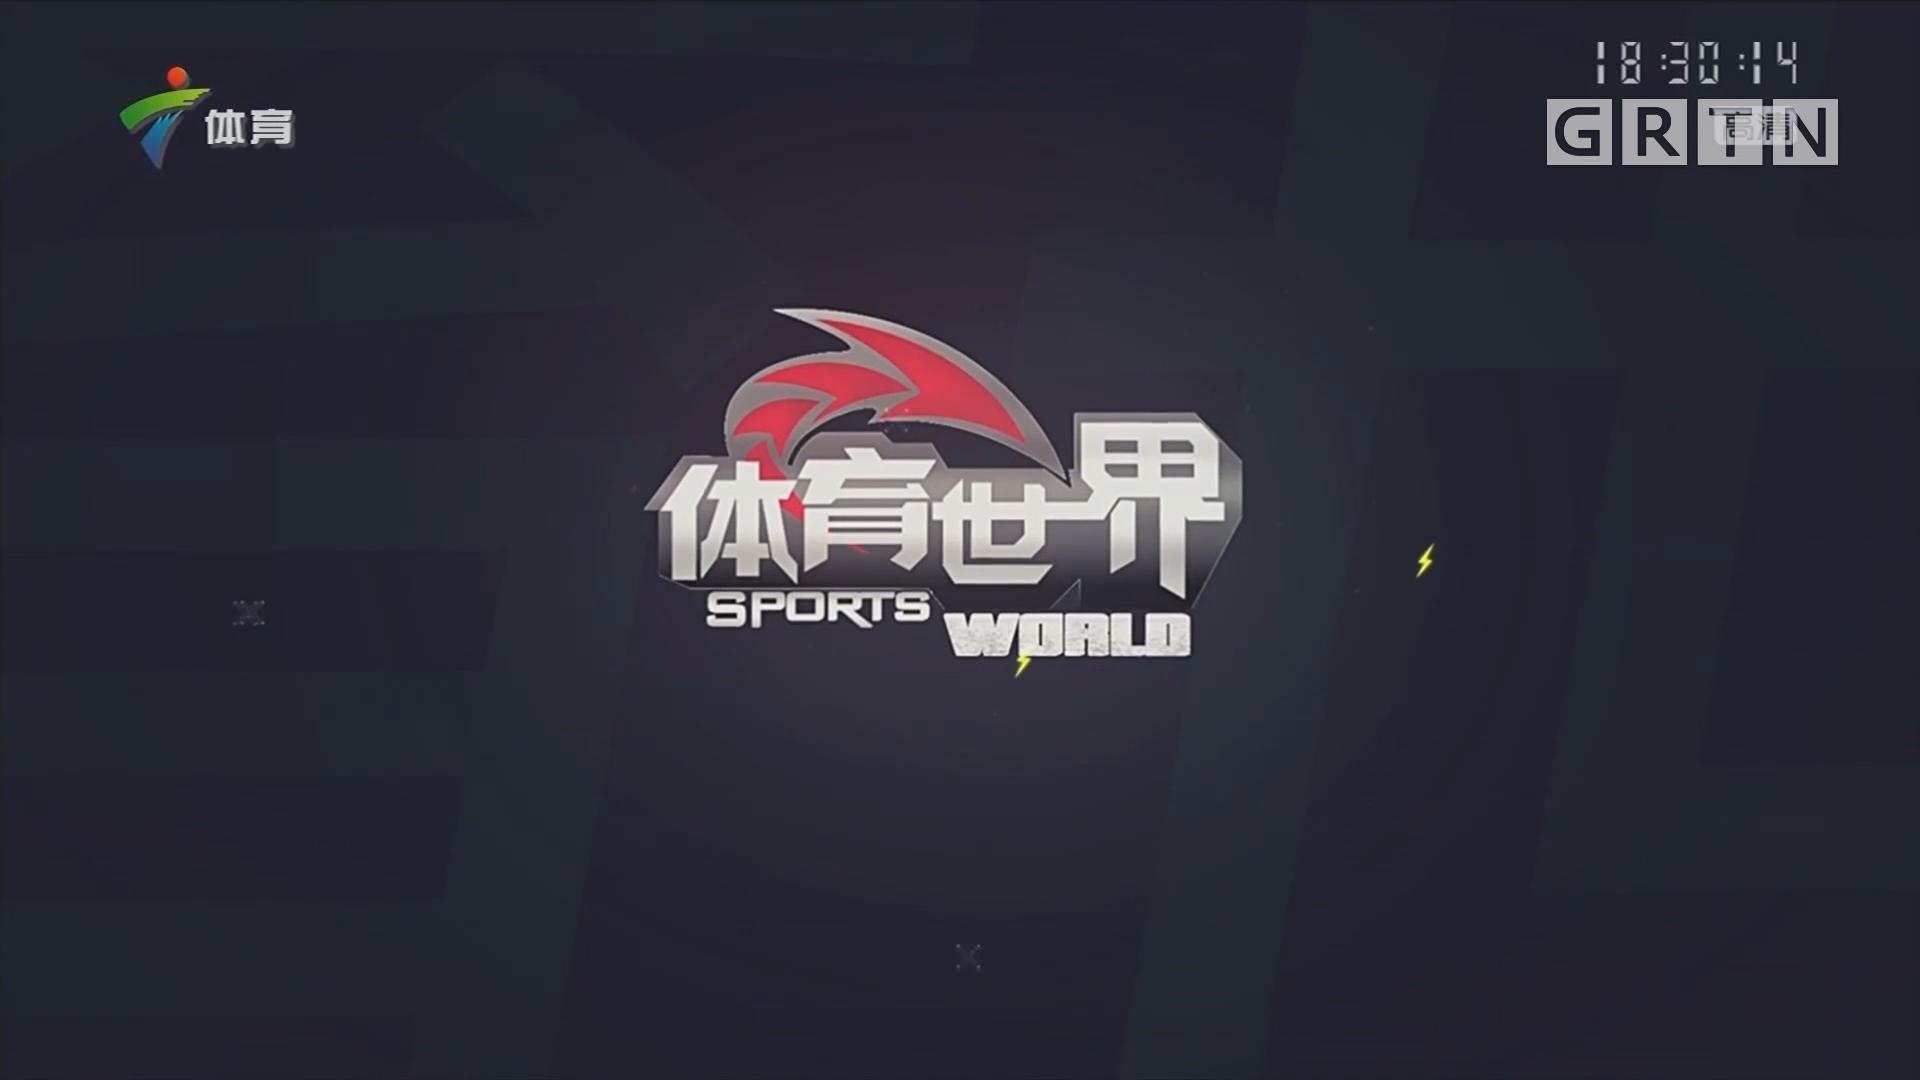 [HD][2018-11-18]体育世界:南粤古驿道定向大赛樟林古港站鸣锣